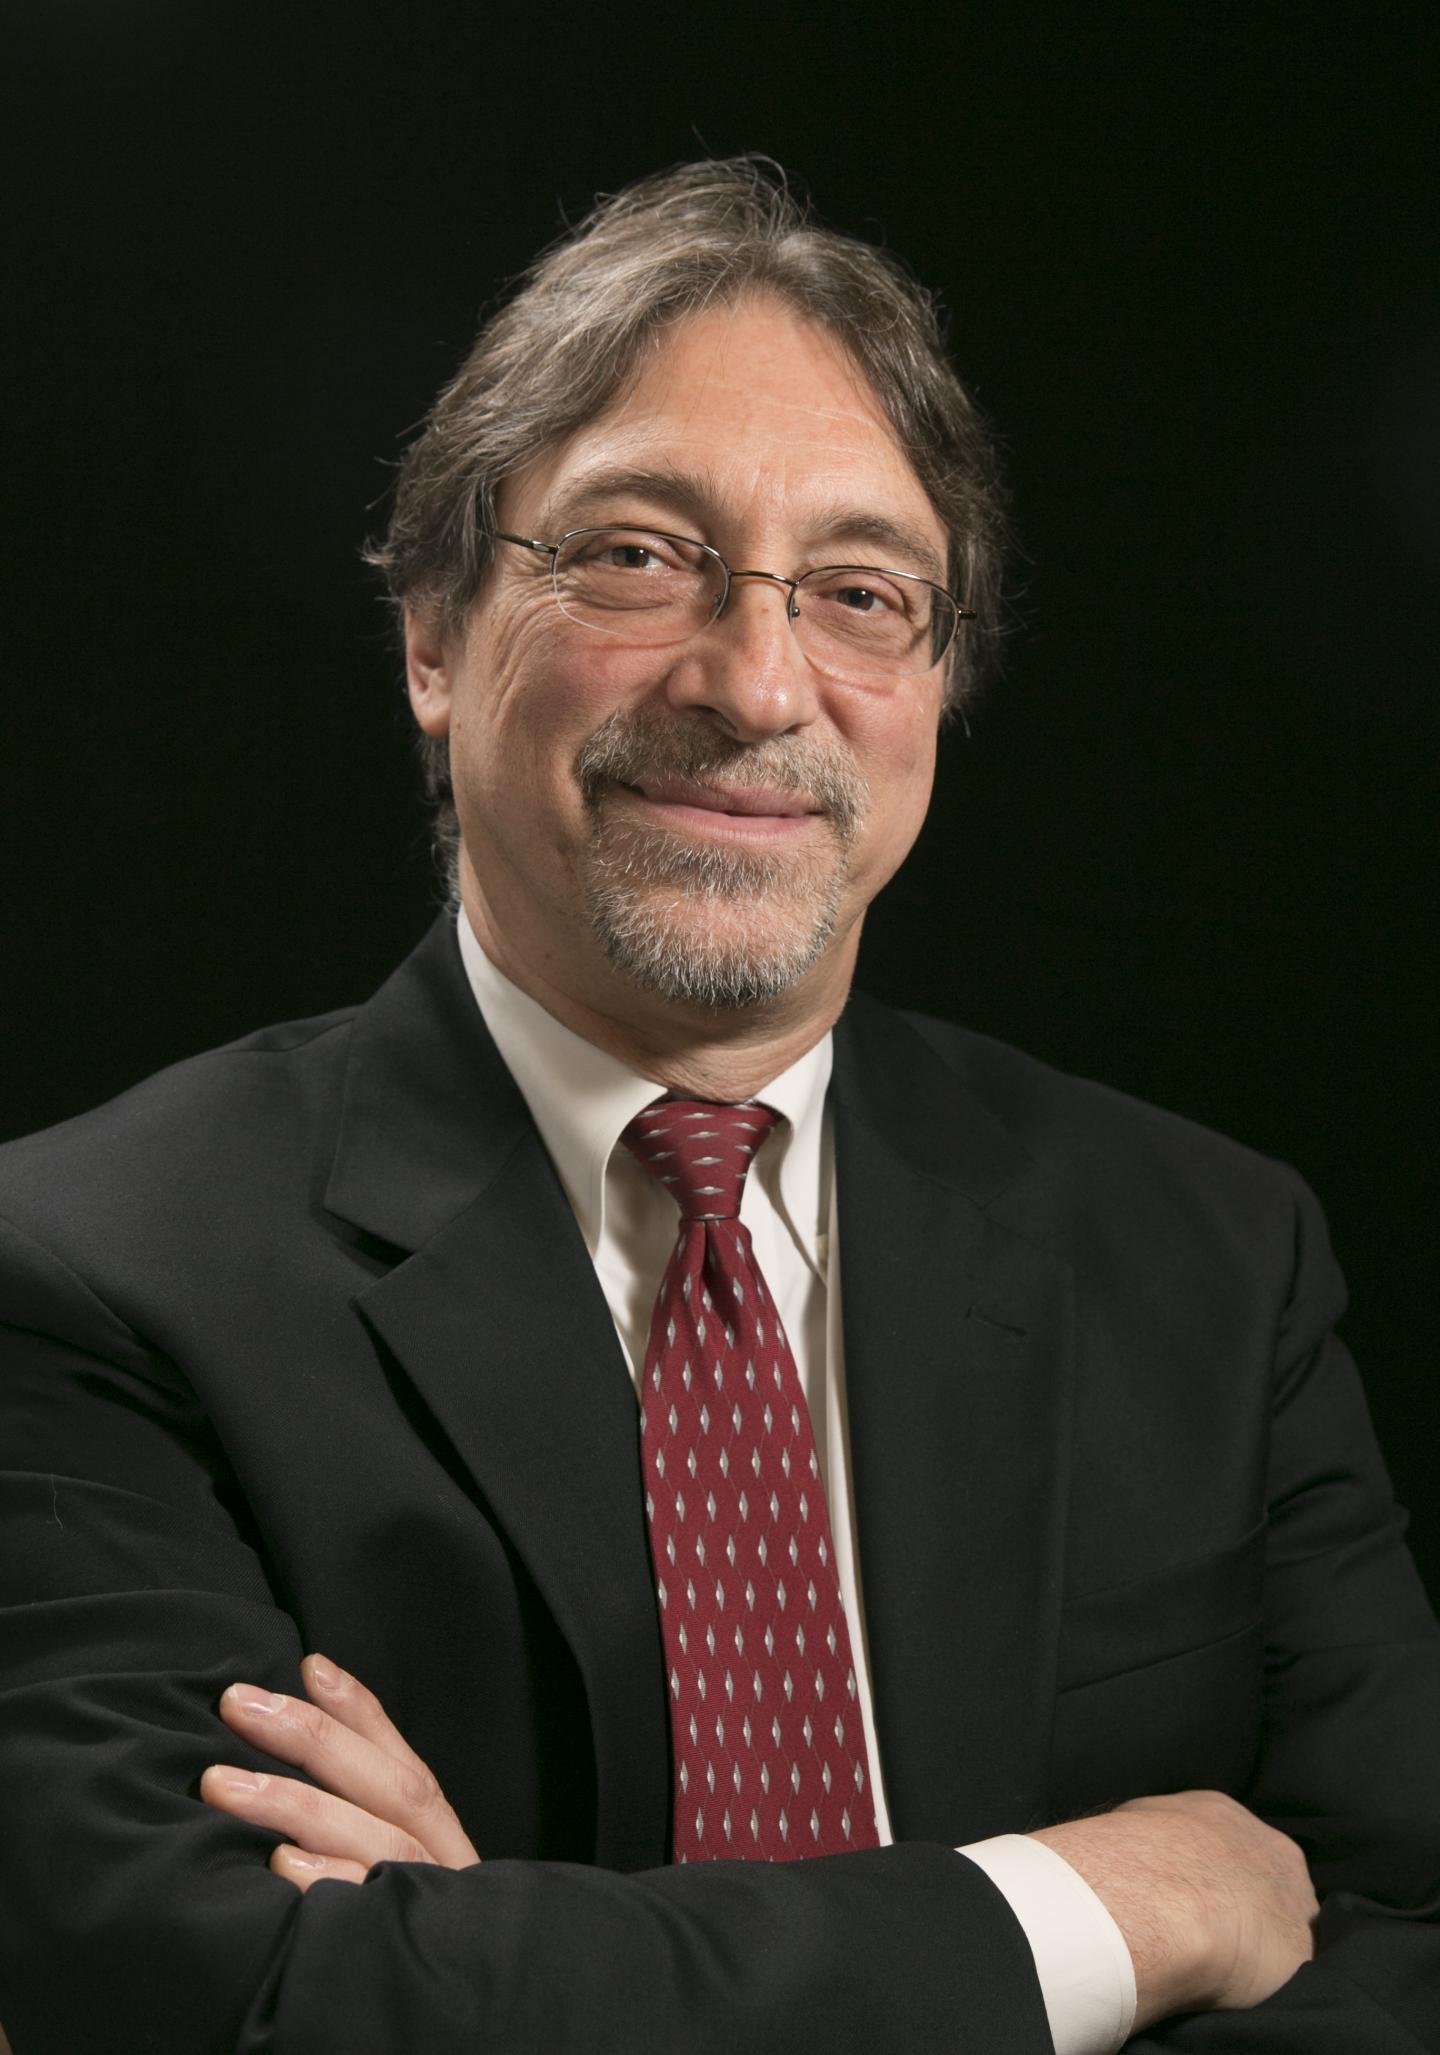 John DeLuca, Ph.D., Kessler Foundation